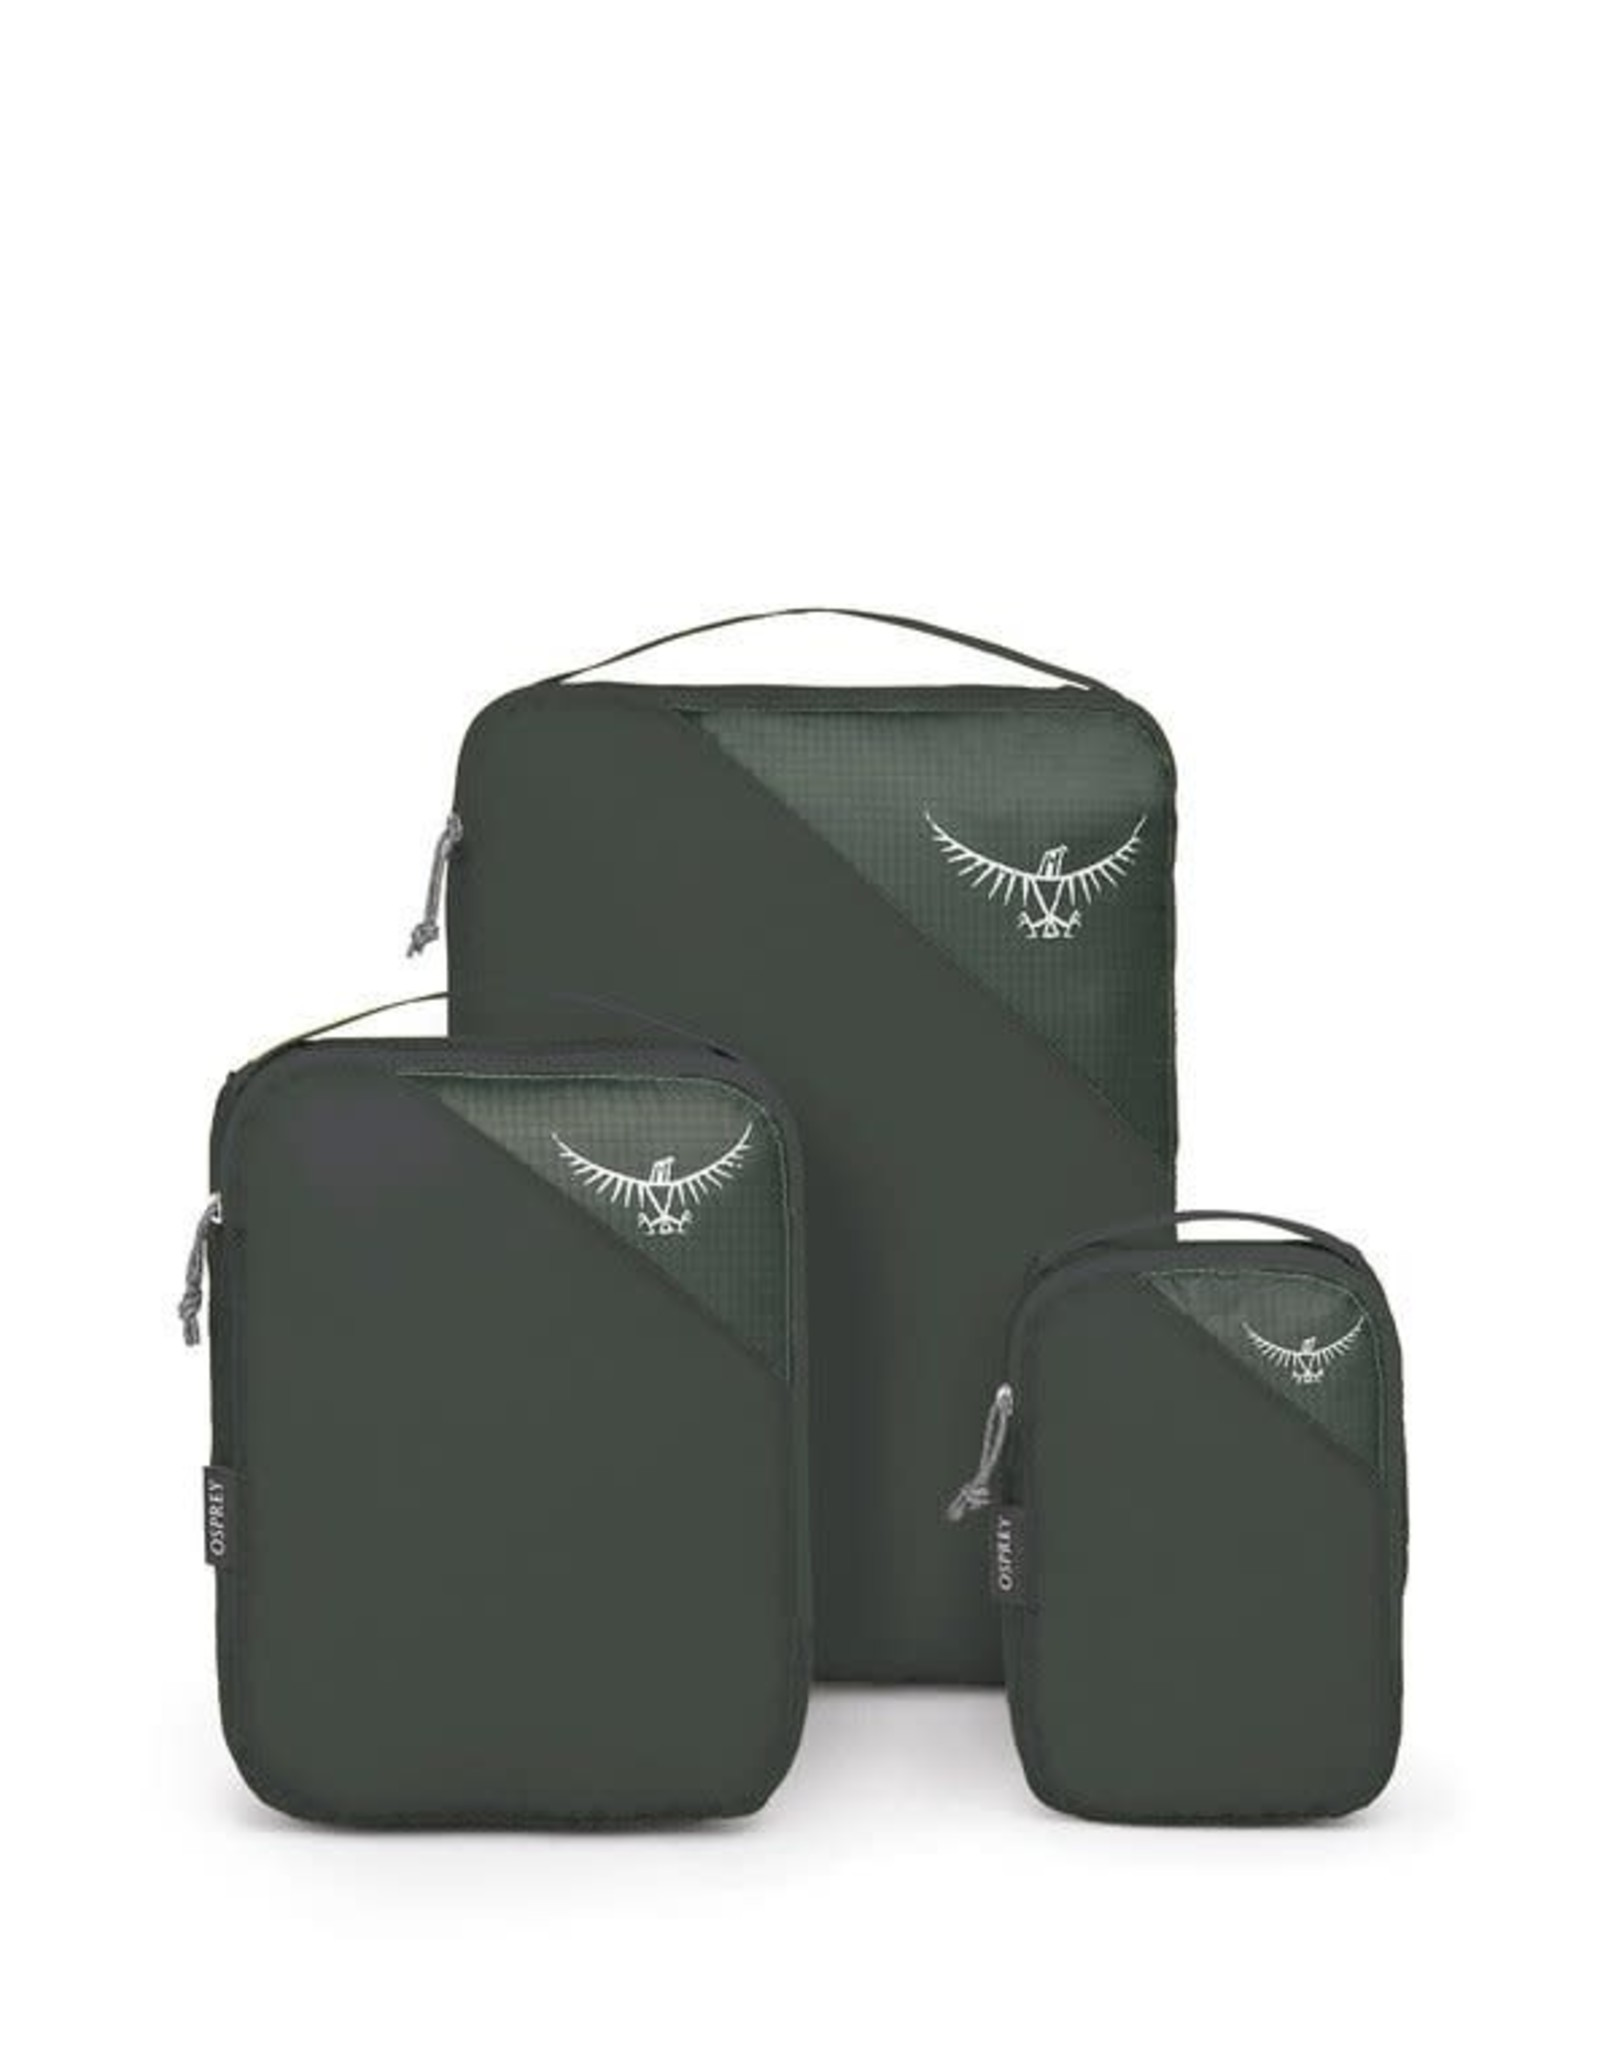 Osprey Osprey UL Packing Cube Set Shadow Grey